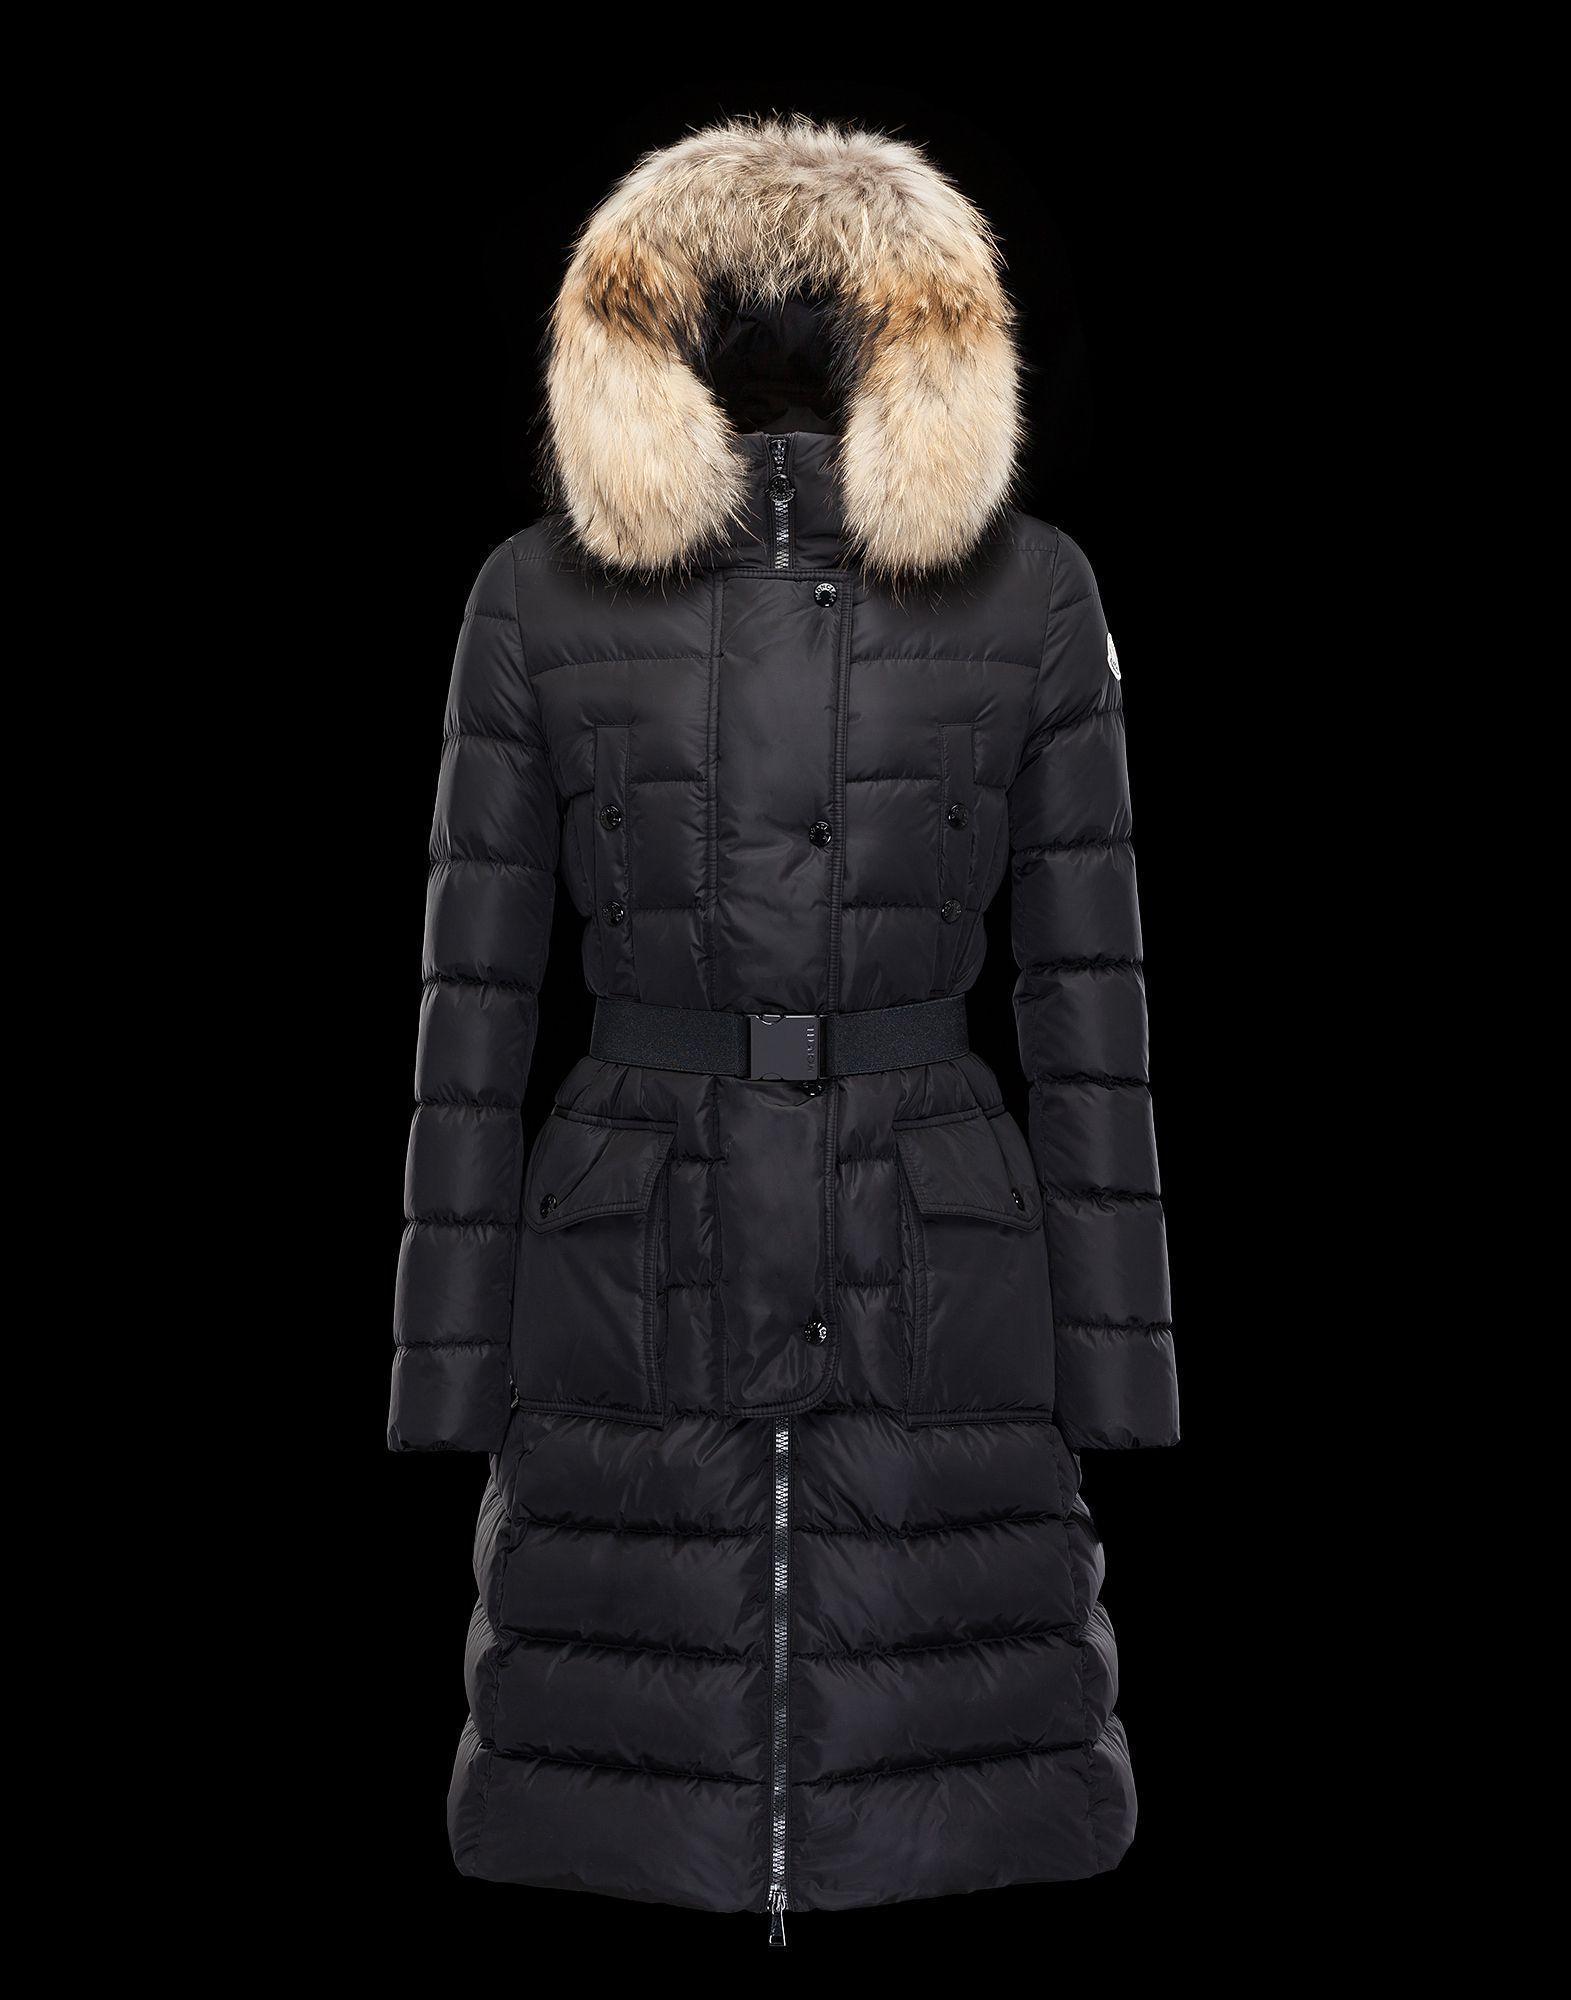 MONCLER Down Jackets MONCLER2016 17 down coat KHLOE black T00 ... 64314fb3bb4e